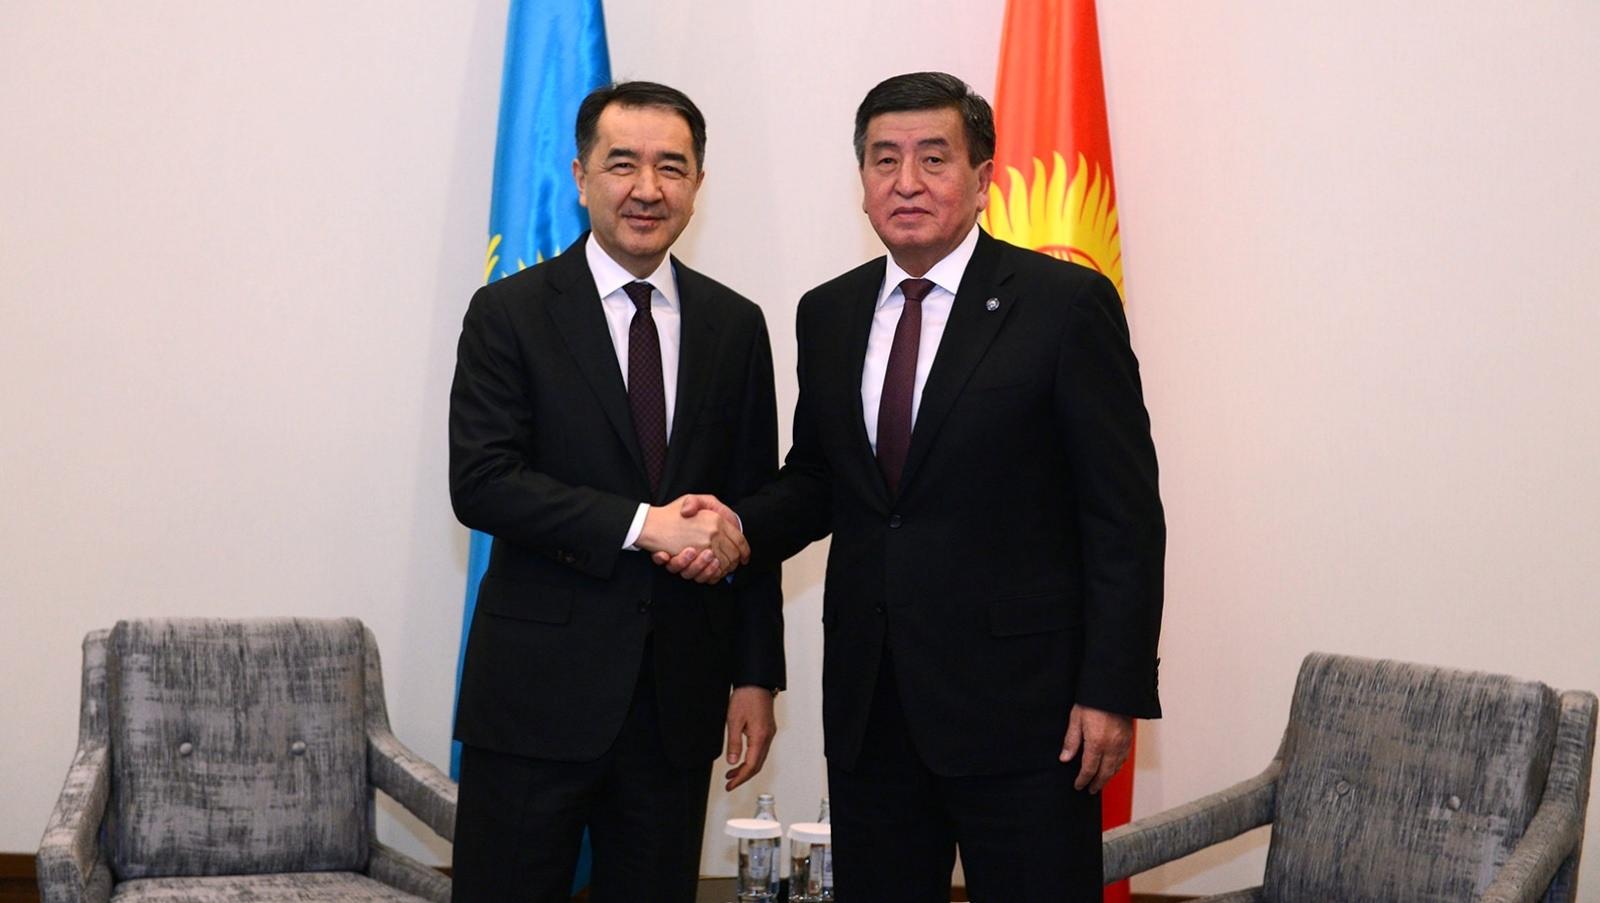 Бакытжан Сагинтаев иСооронбай Жээнбеков